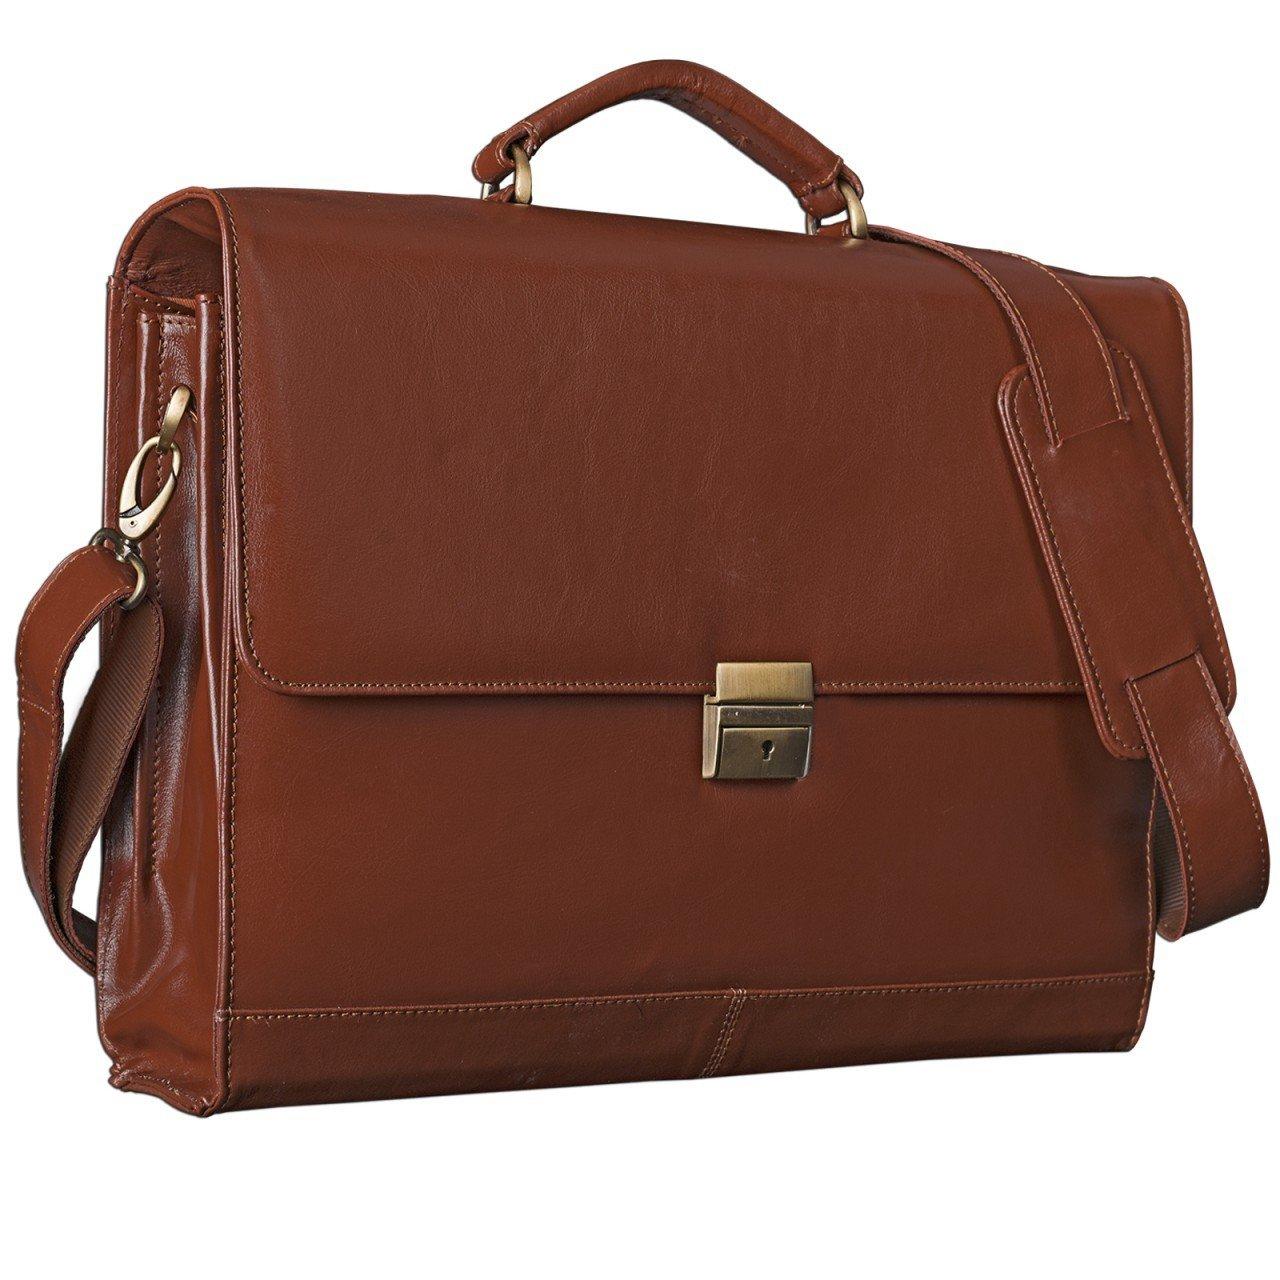 STILORD 'Philipp' Aktentasche aus echtem Leder in klassischem Vintage Design mit 15, 6 Zoll Laptopfach Dokumententasche Businesstasche Herren Damen